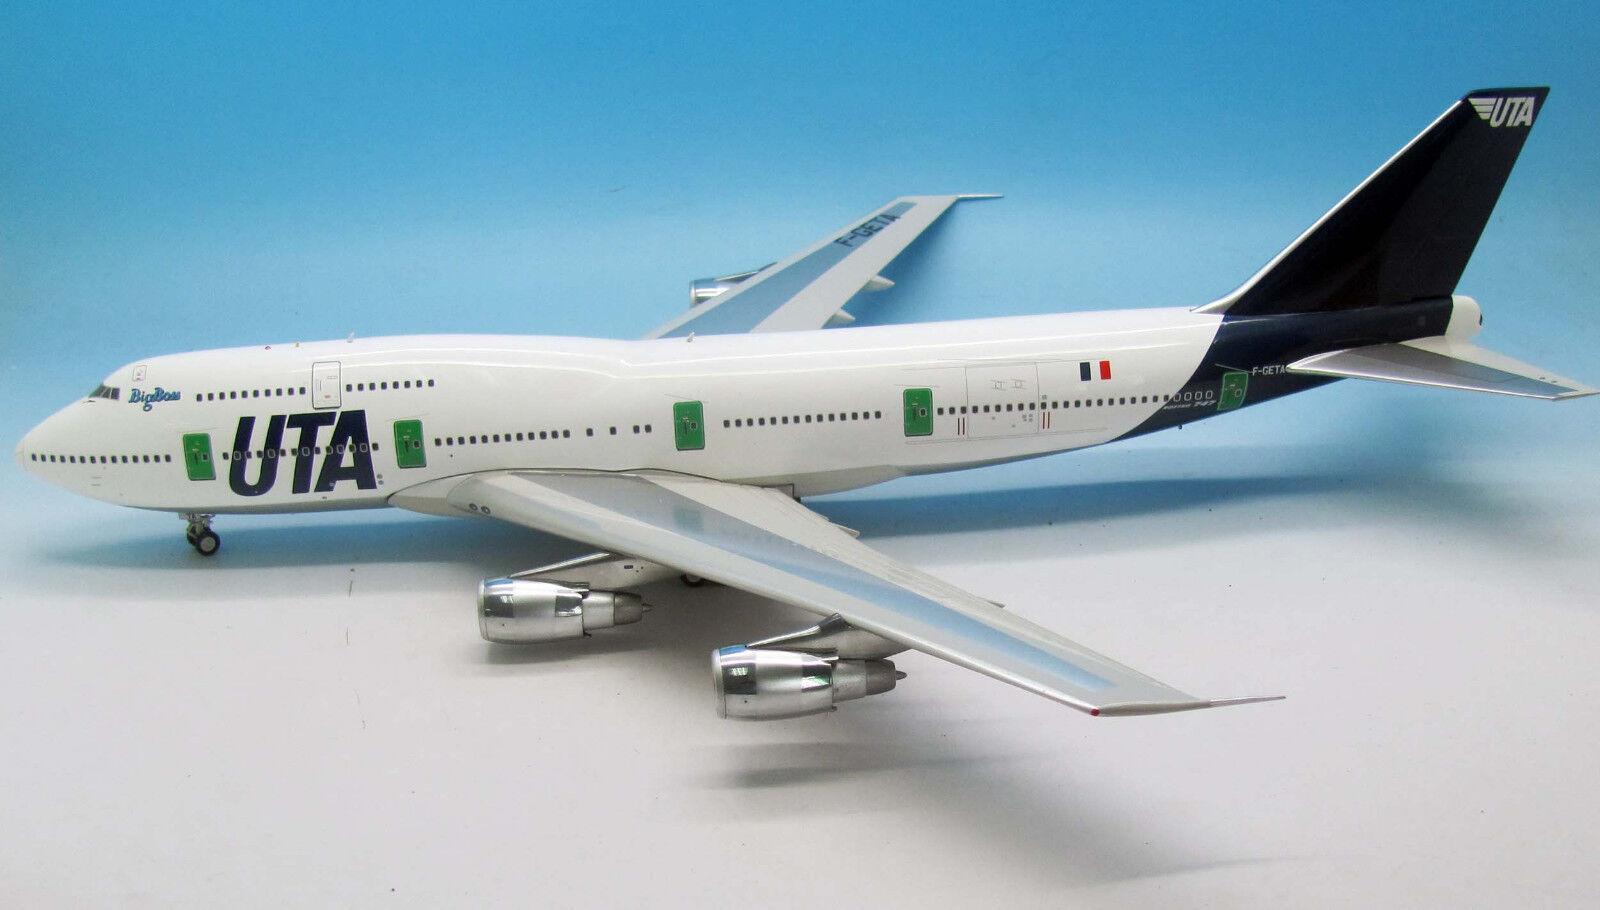 L'occasion L'occasion L'occasion n'est pas là tous les jours, lorsque le coup est tiré Inflight 200 IF743UTA001 1/200 UTA BOEING 747-300 F-Geta avec support | D'ornement  8d9cc4